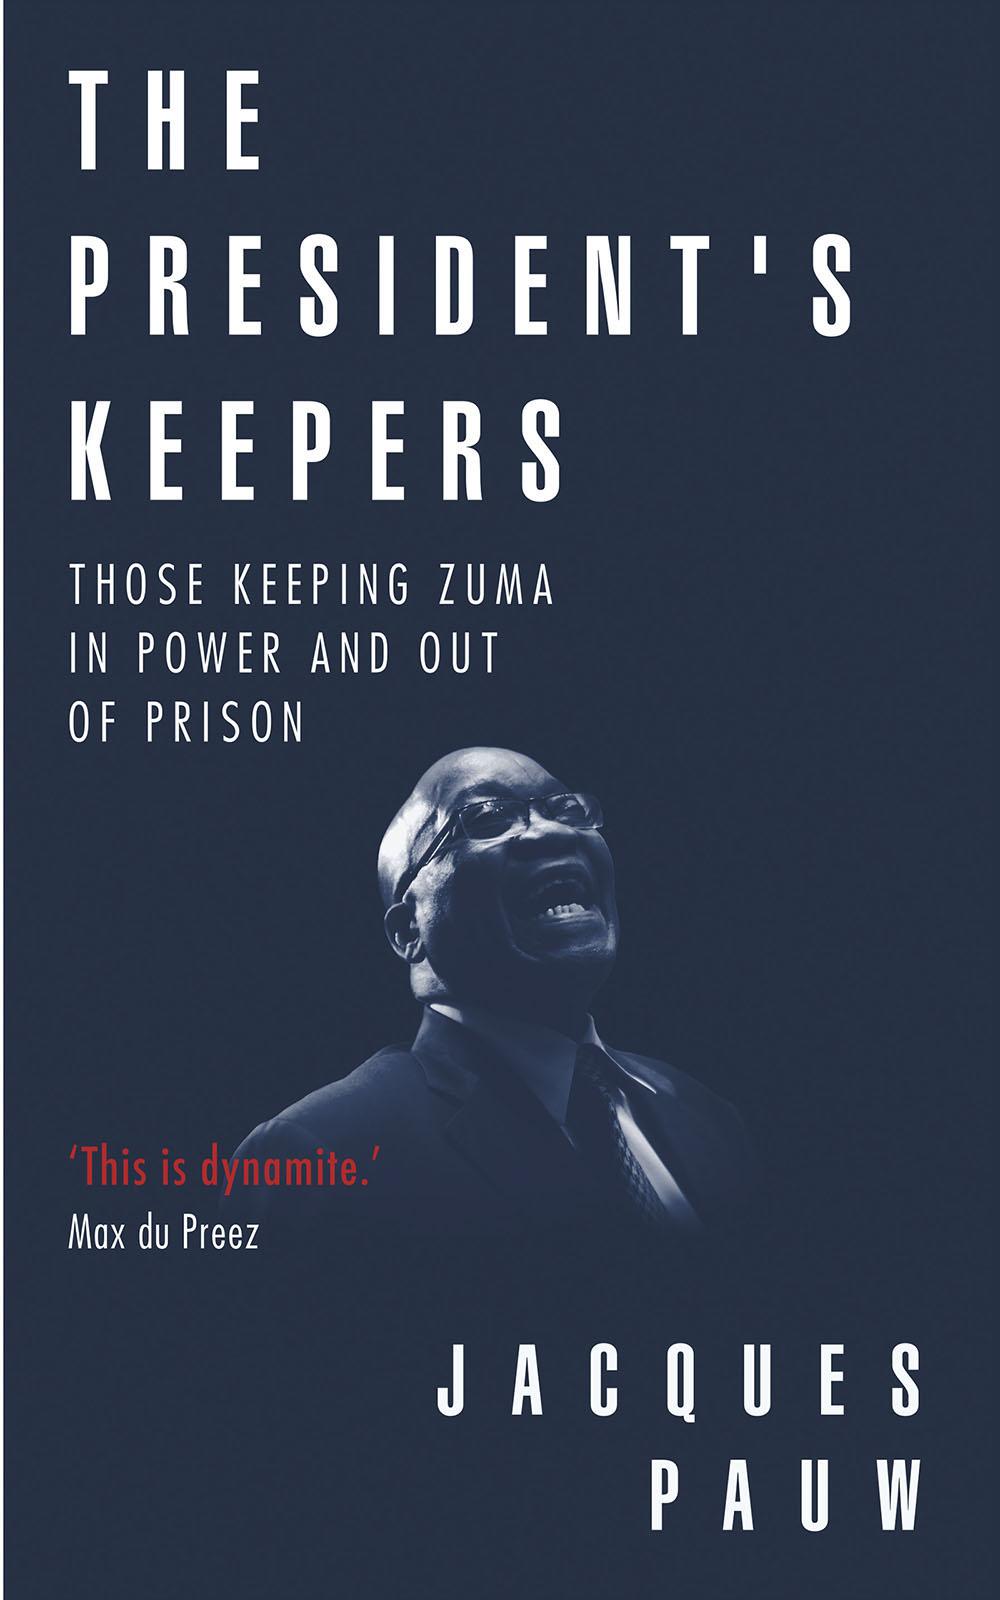 南非小眾的文學市場最近被該國最大的政治醜聞掀起,書店刮起史無前例的購書旋風,全因一本書揭露了政壇的最大醜聞。(圖片來源:Amazon)